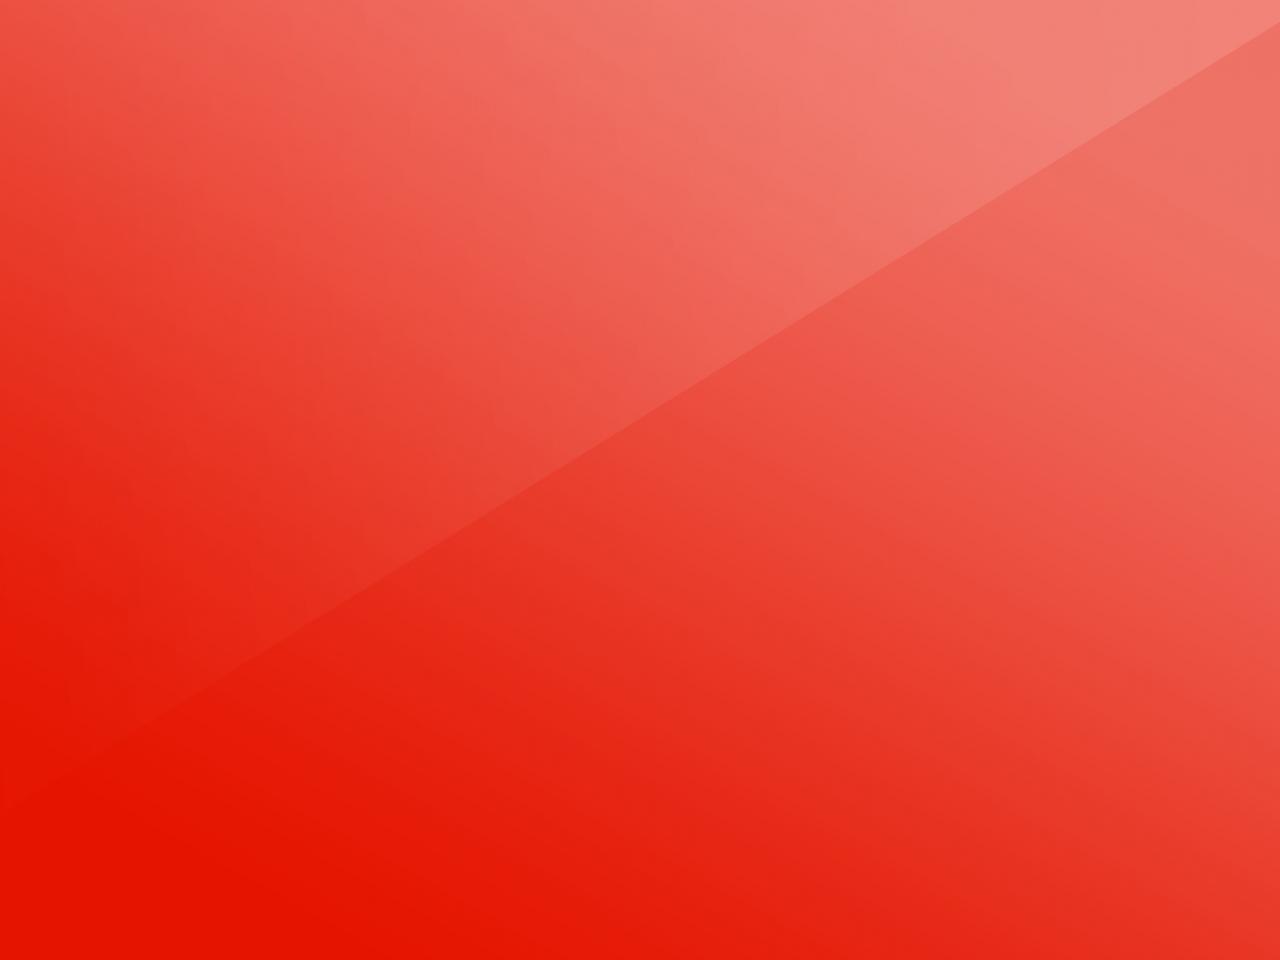 Fondo rojo - 1280x960